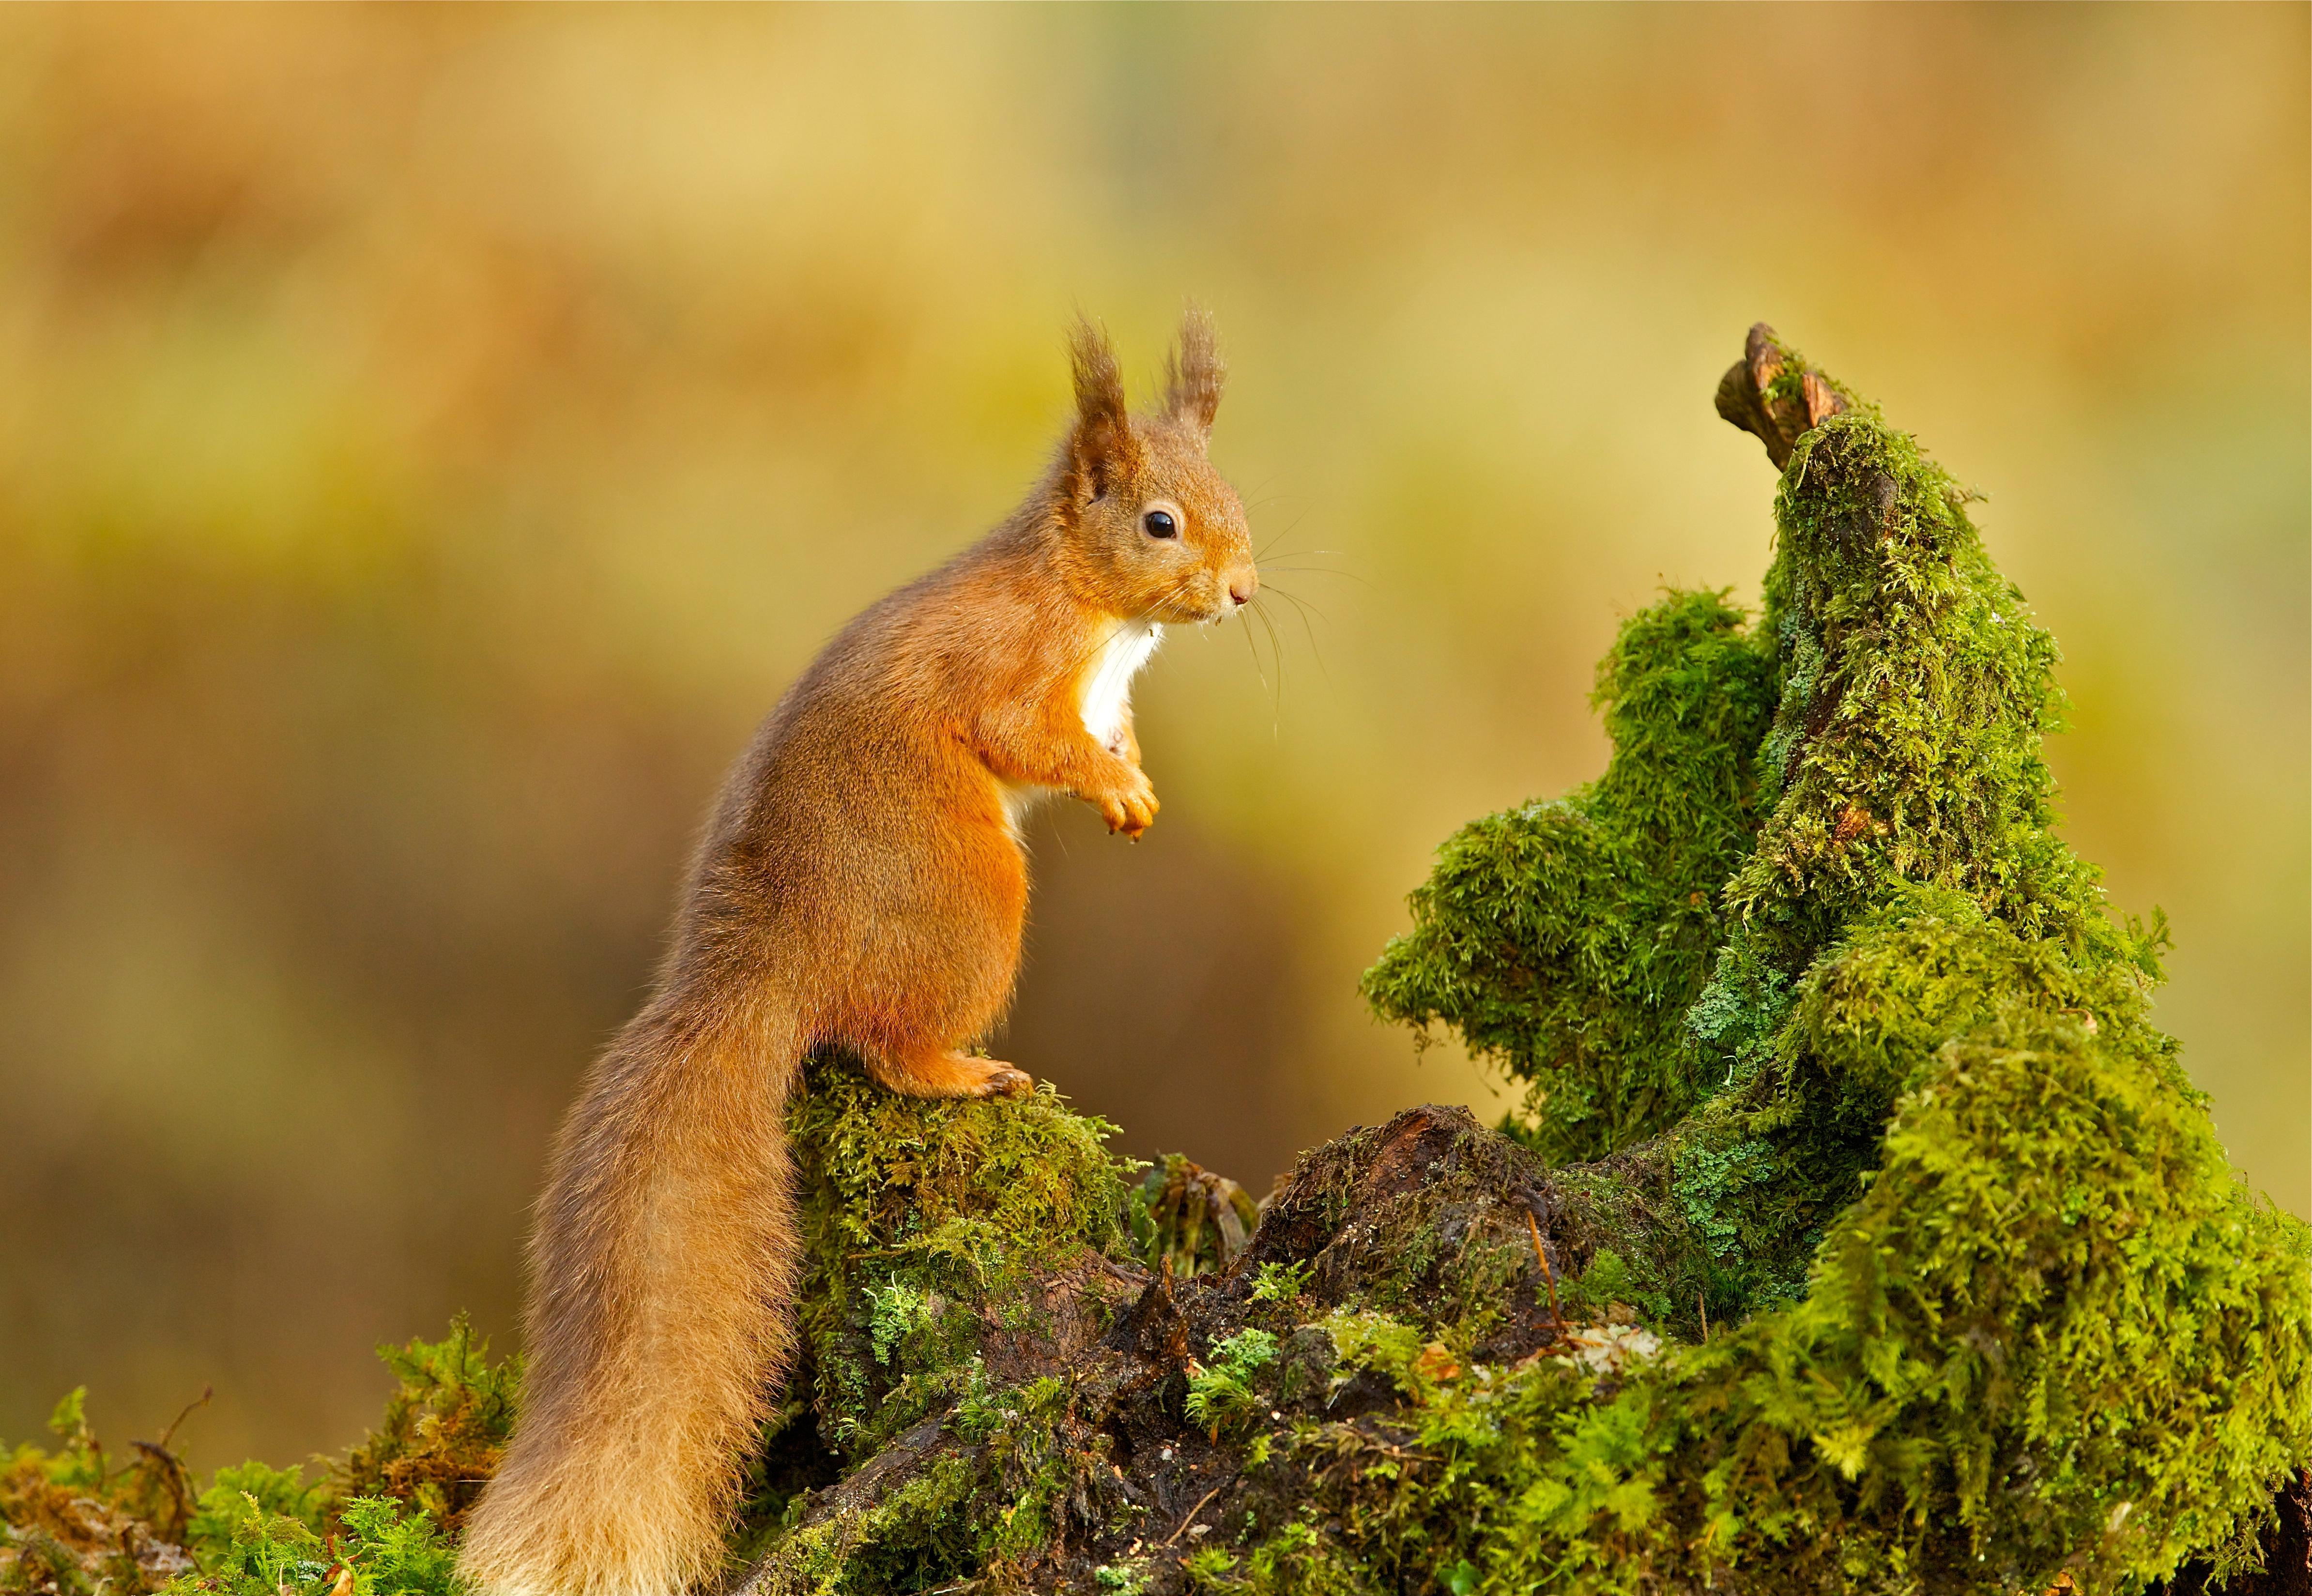 природа животные белка nature animals protein  № 1115632 загрузить